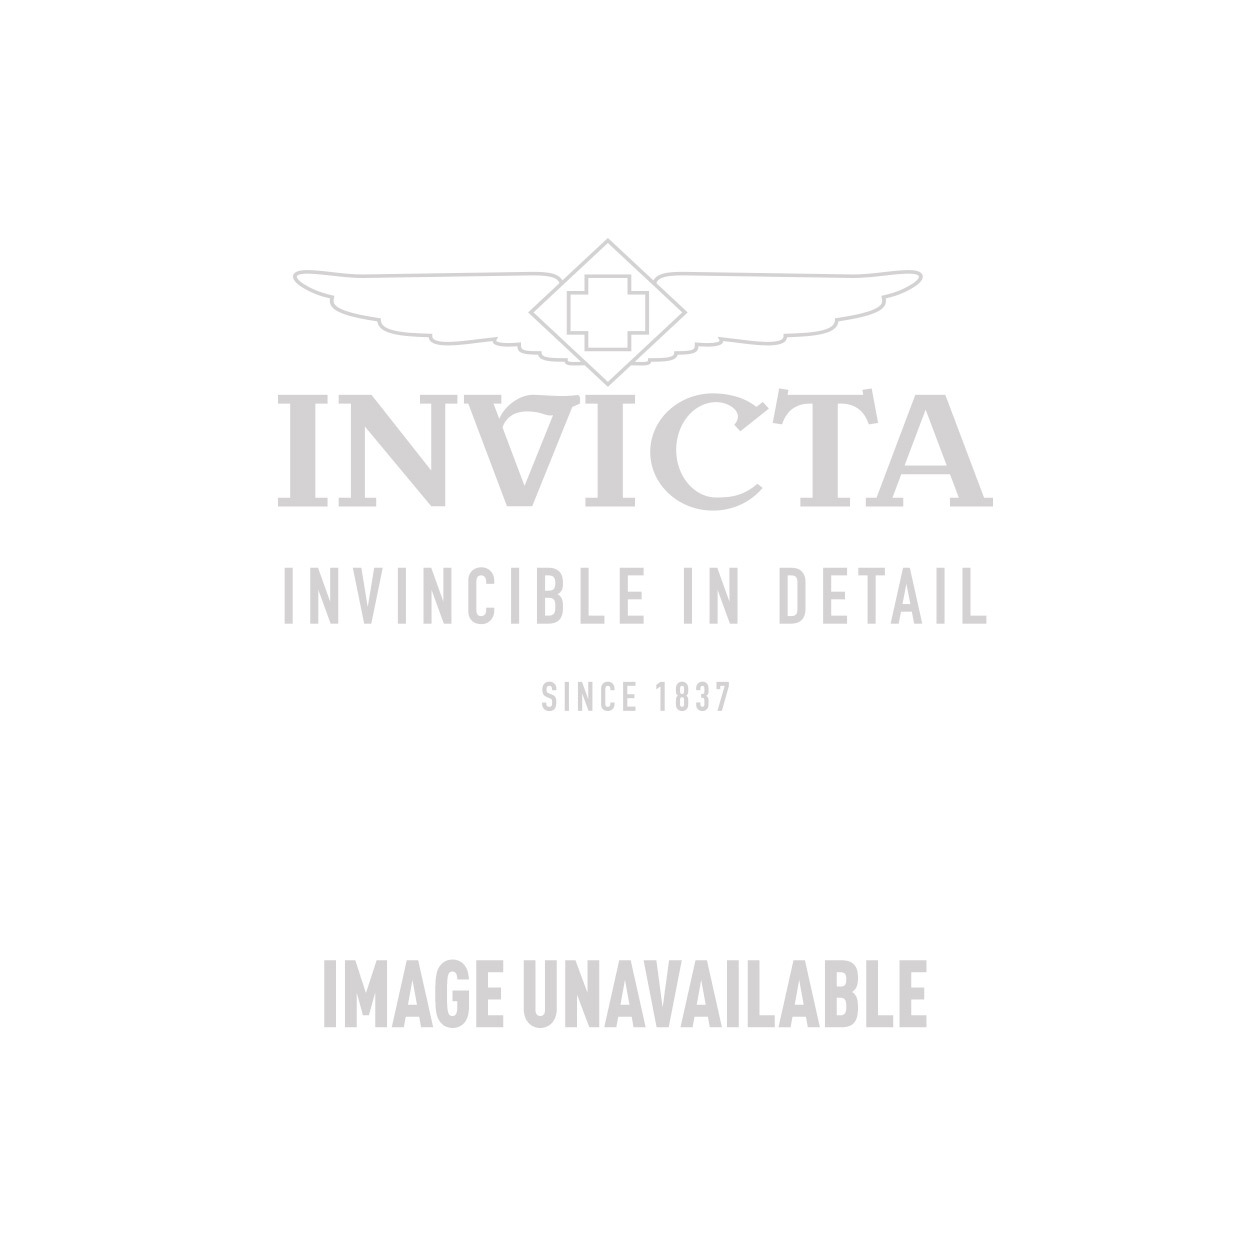 Invicta Model 25179